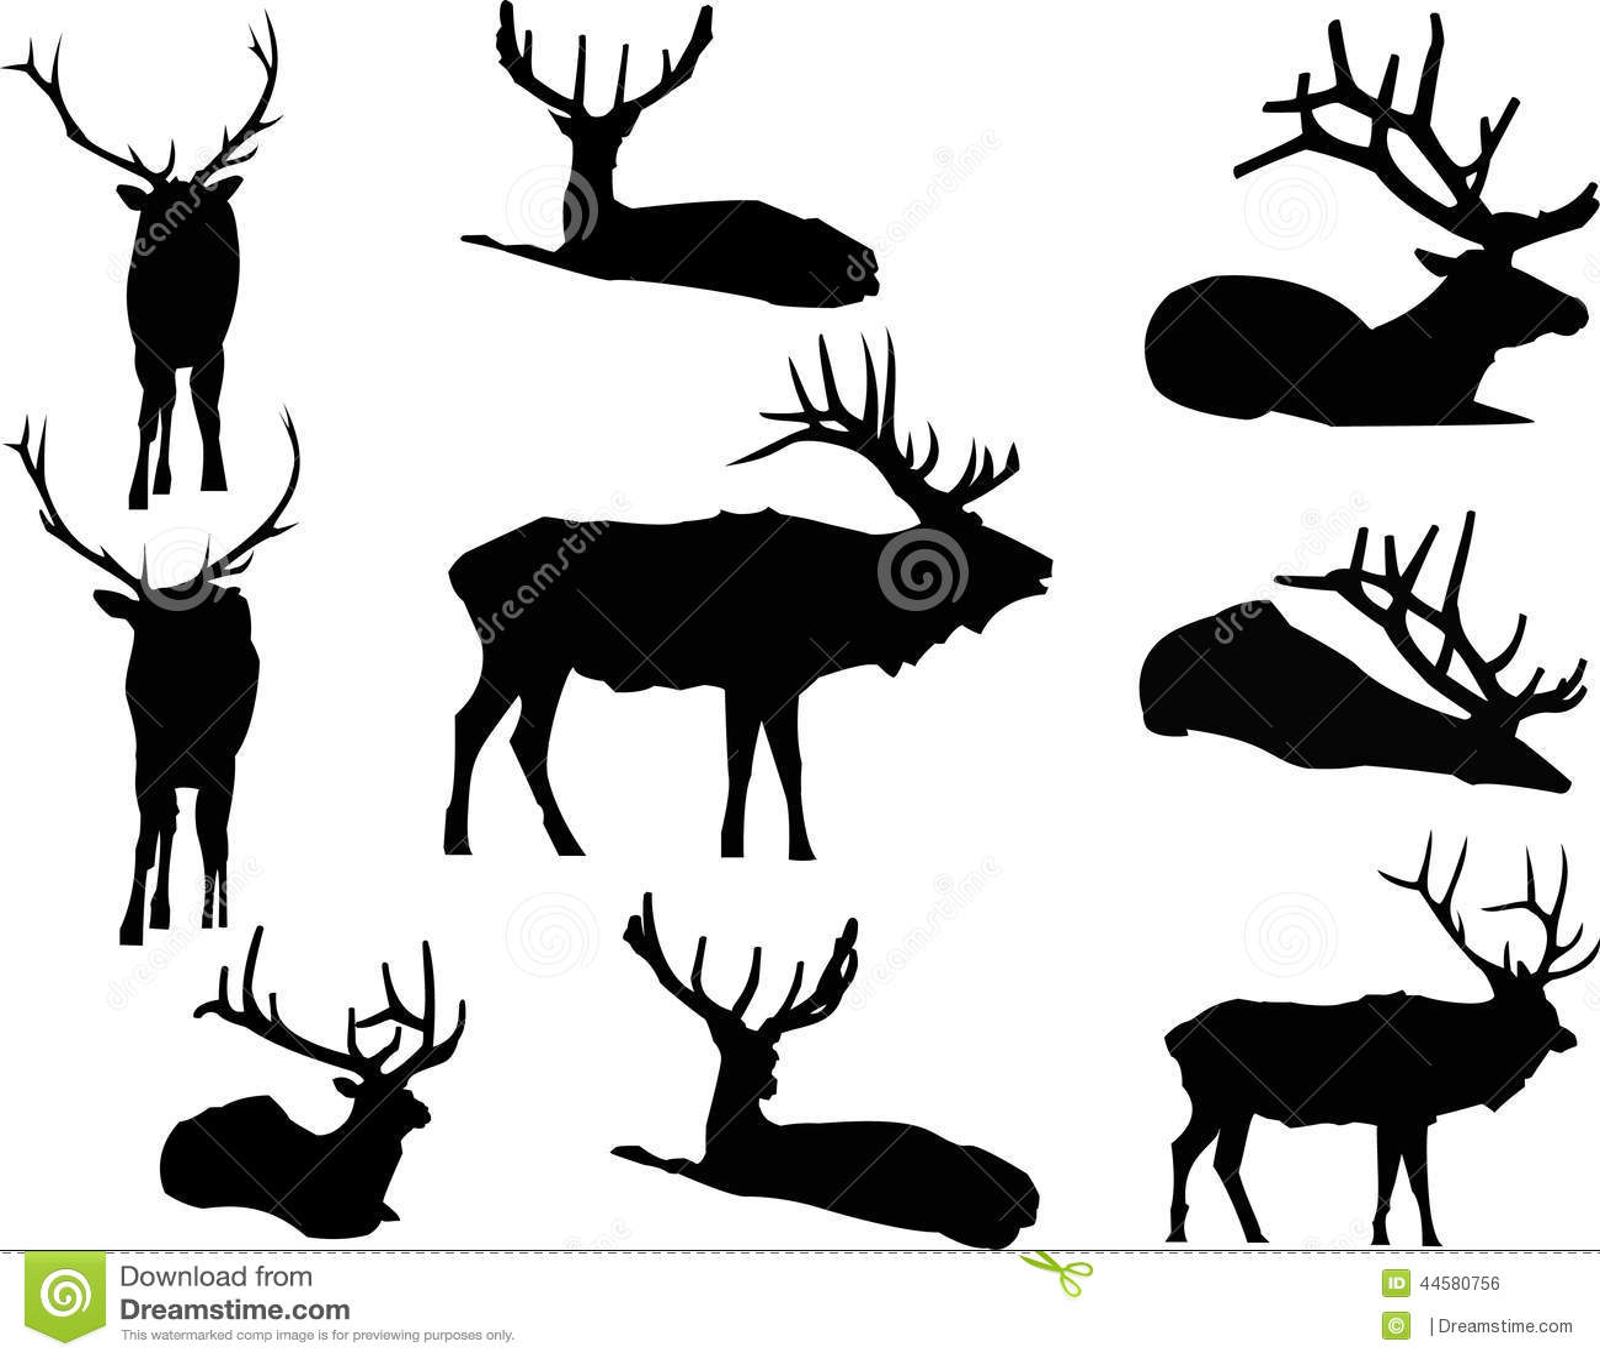 Elk Deer PNG, Clipart, Animals, Antler, Black And White, Clip Art, Deer  Free PNG Download